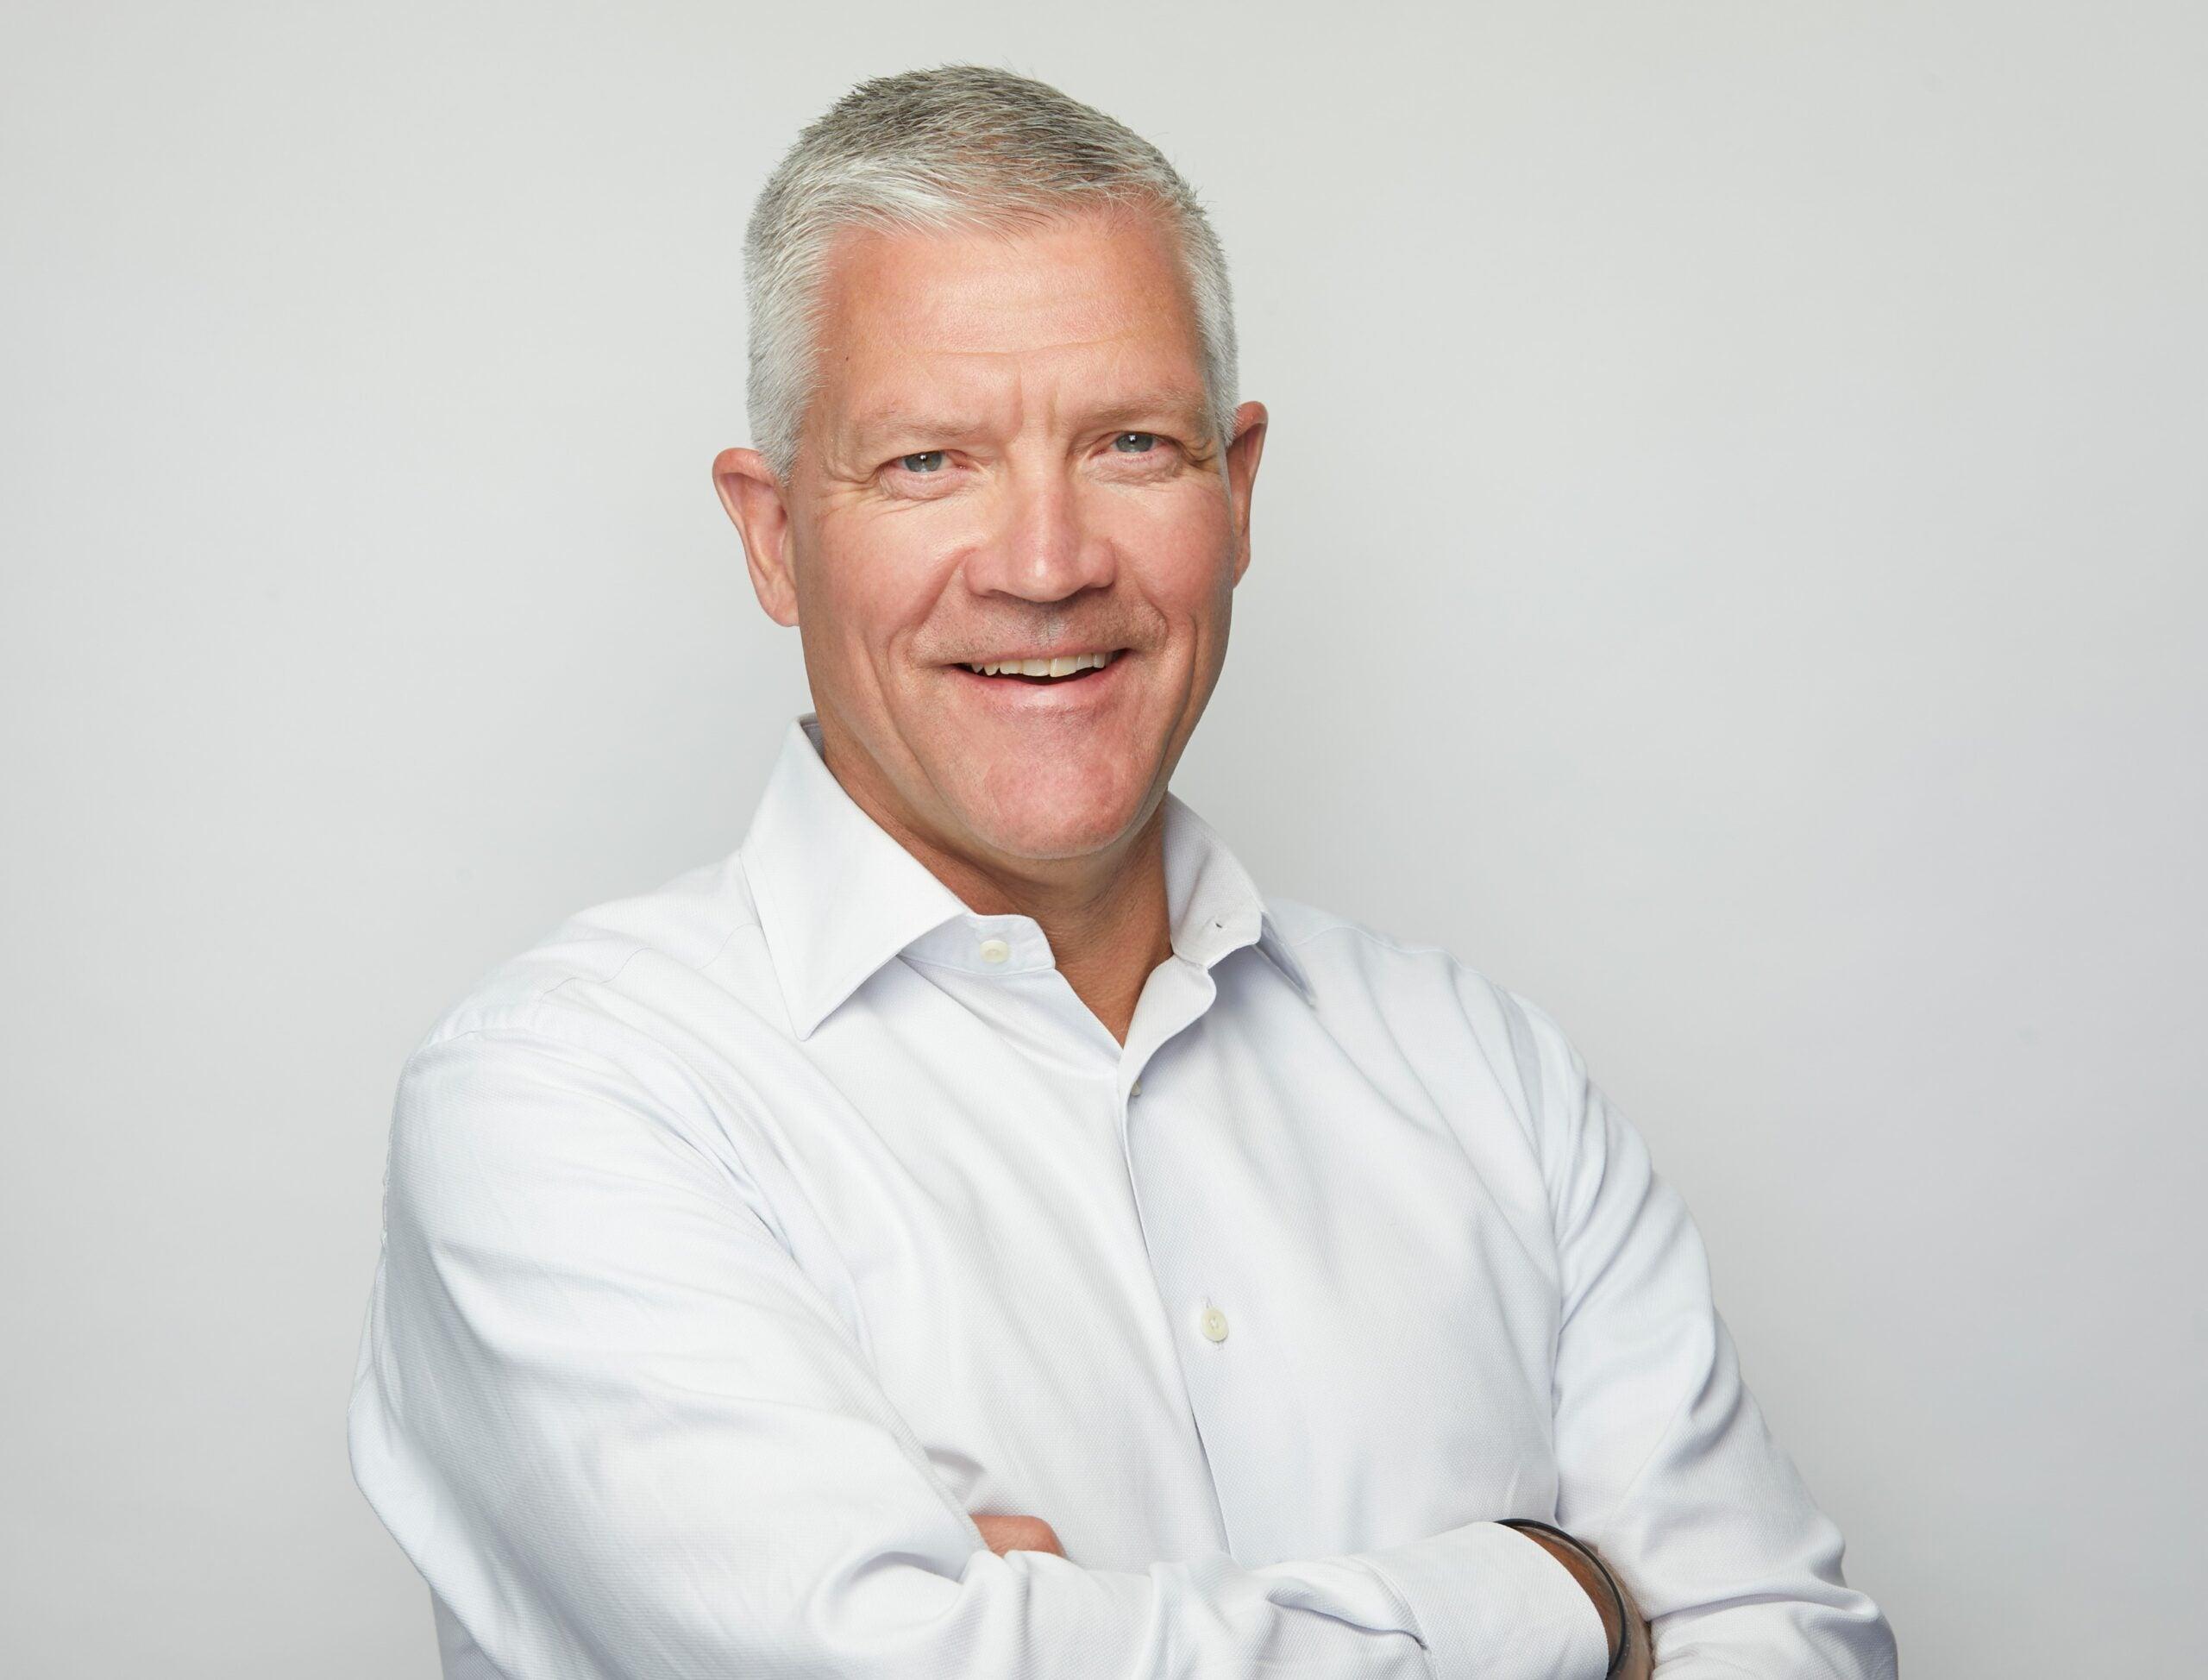 C. Peter Sjolund